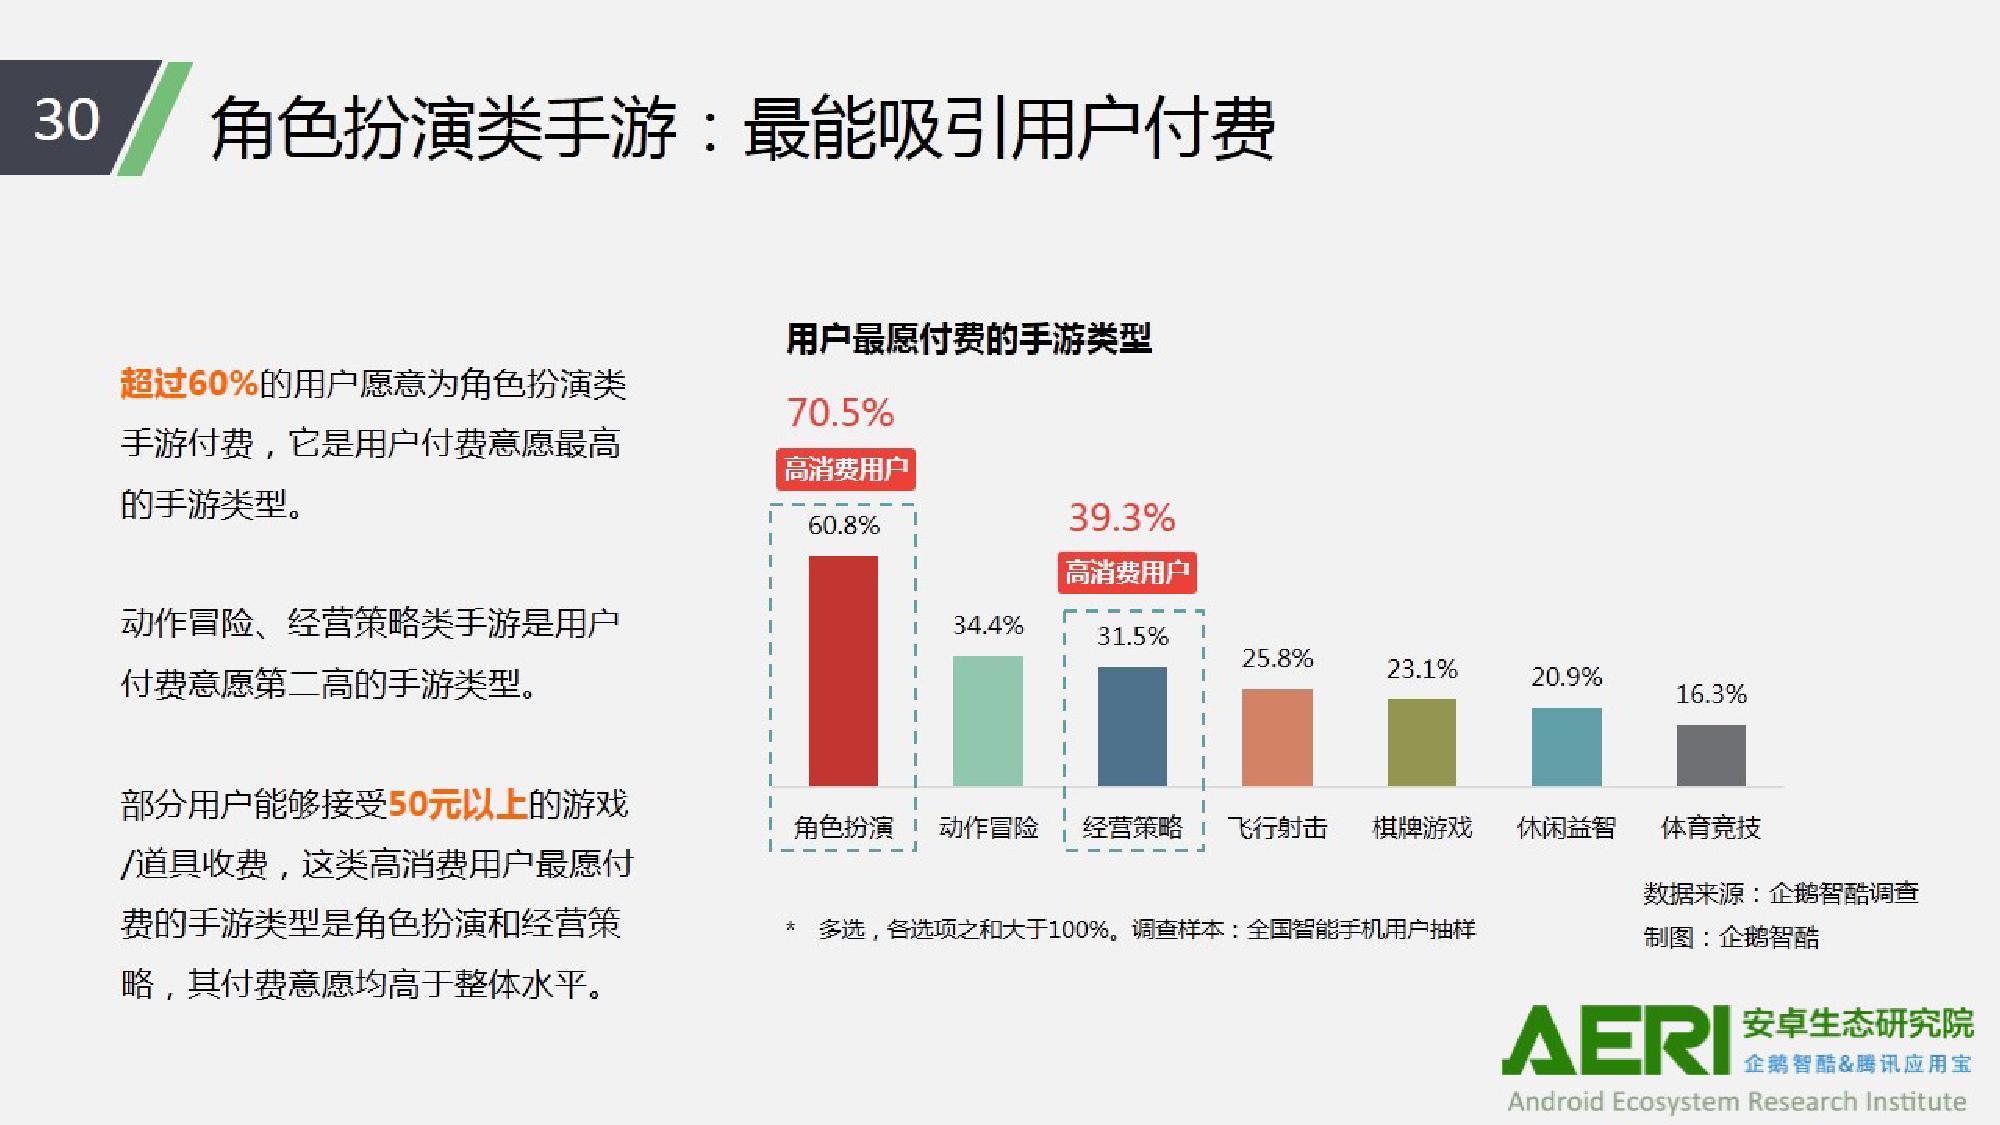 中国手游行业2016大数据报告_000031